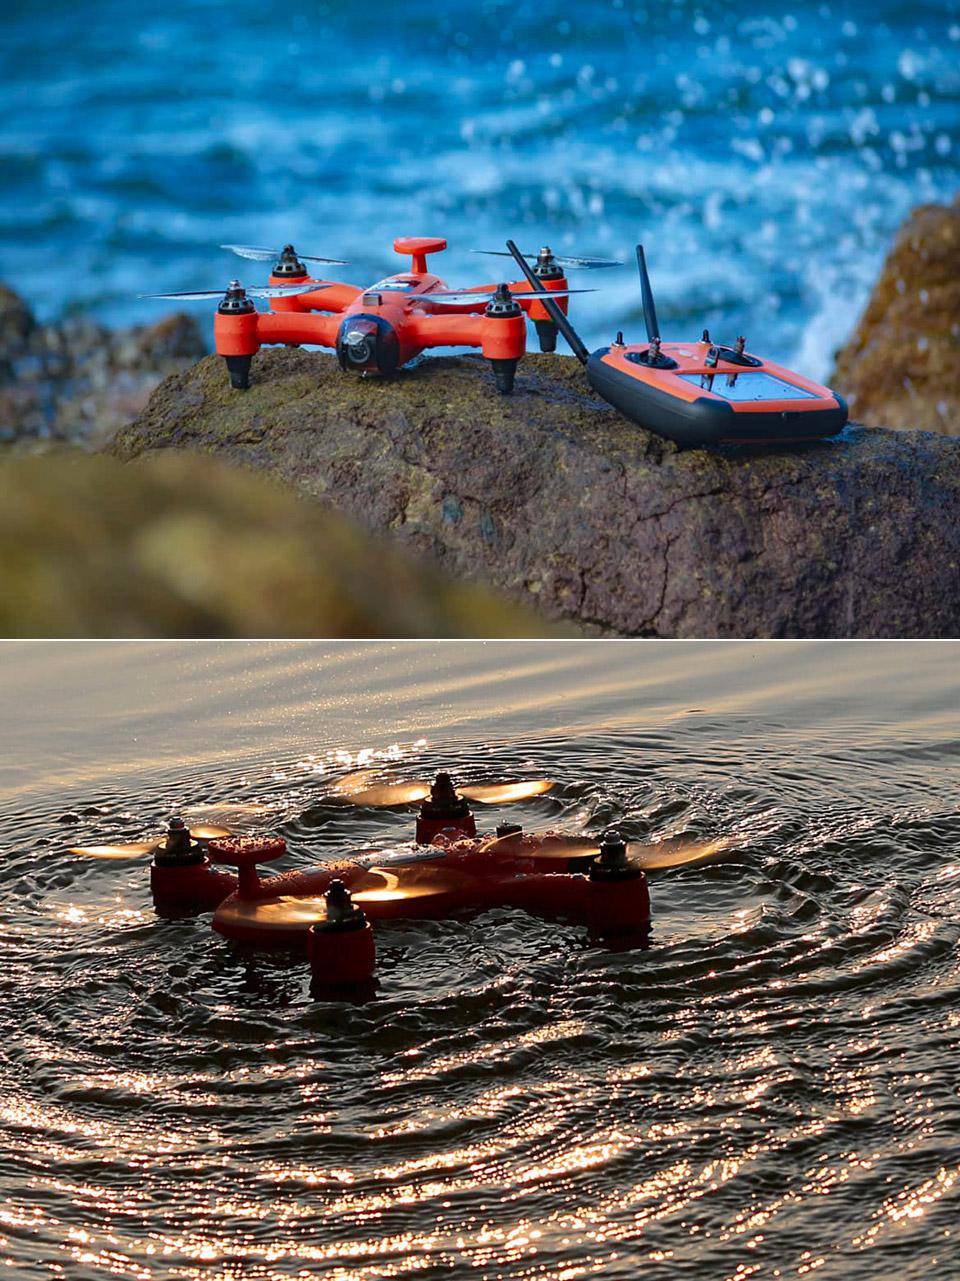 Spry Drone Waterproof